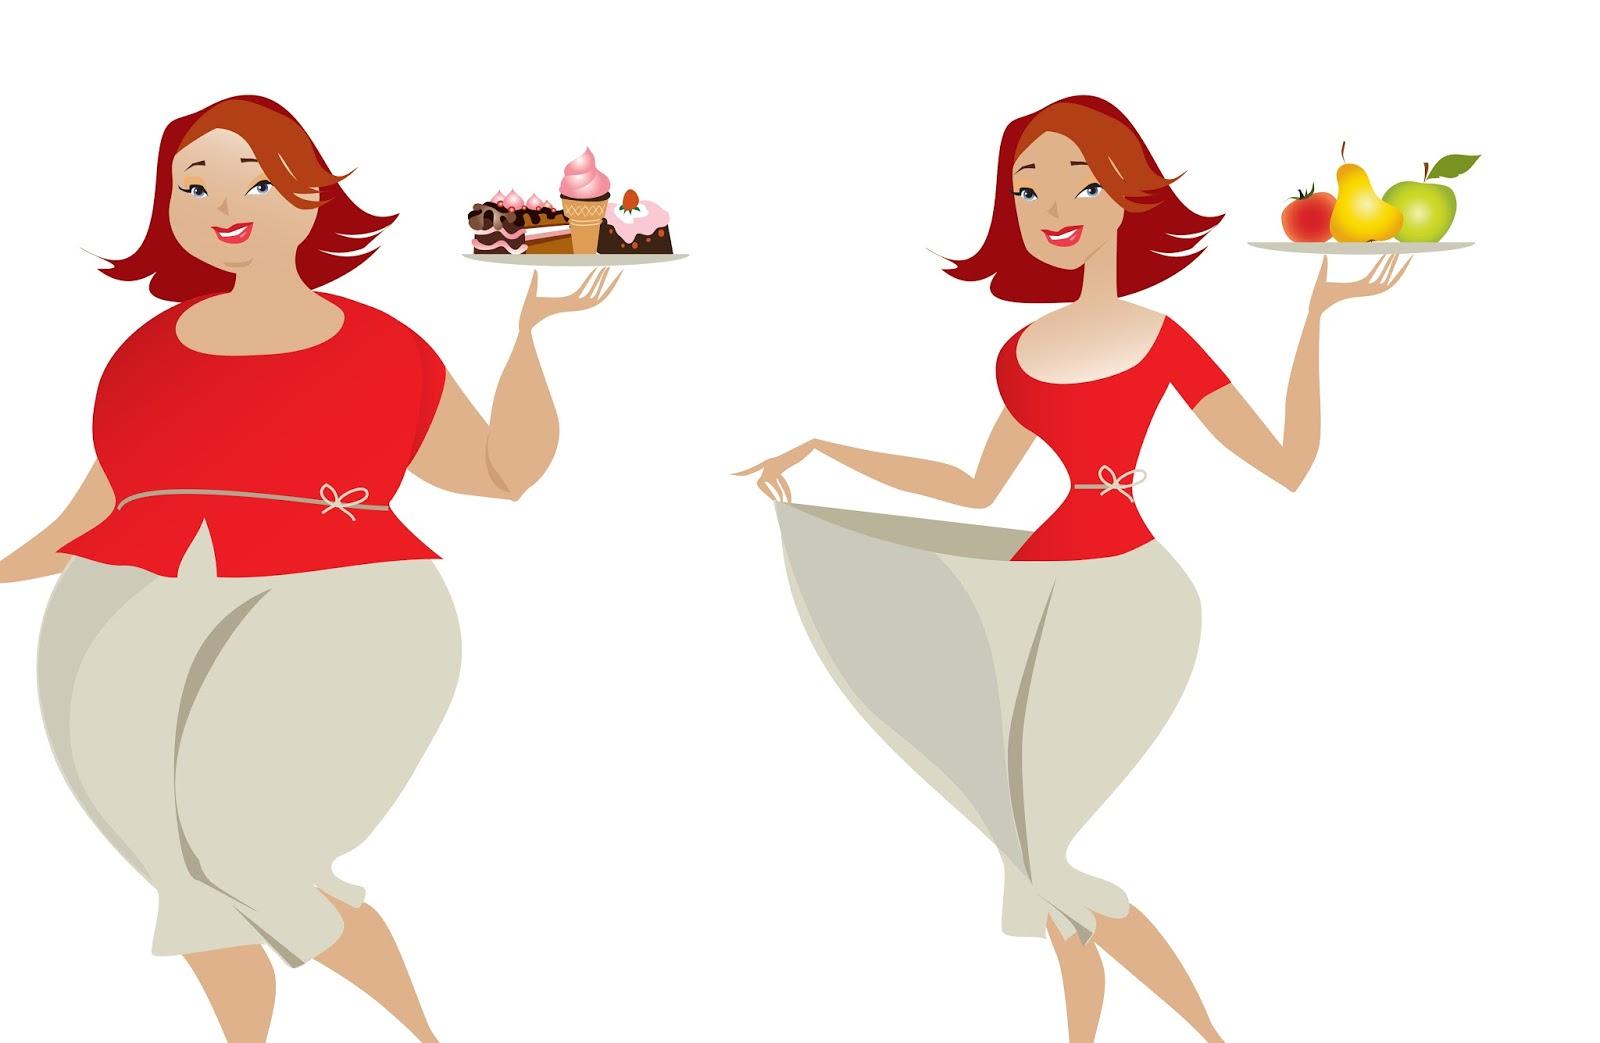 صور رياضه لتخفيف الوزن , اقوى رياضه لخفيف الوزن